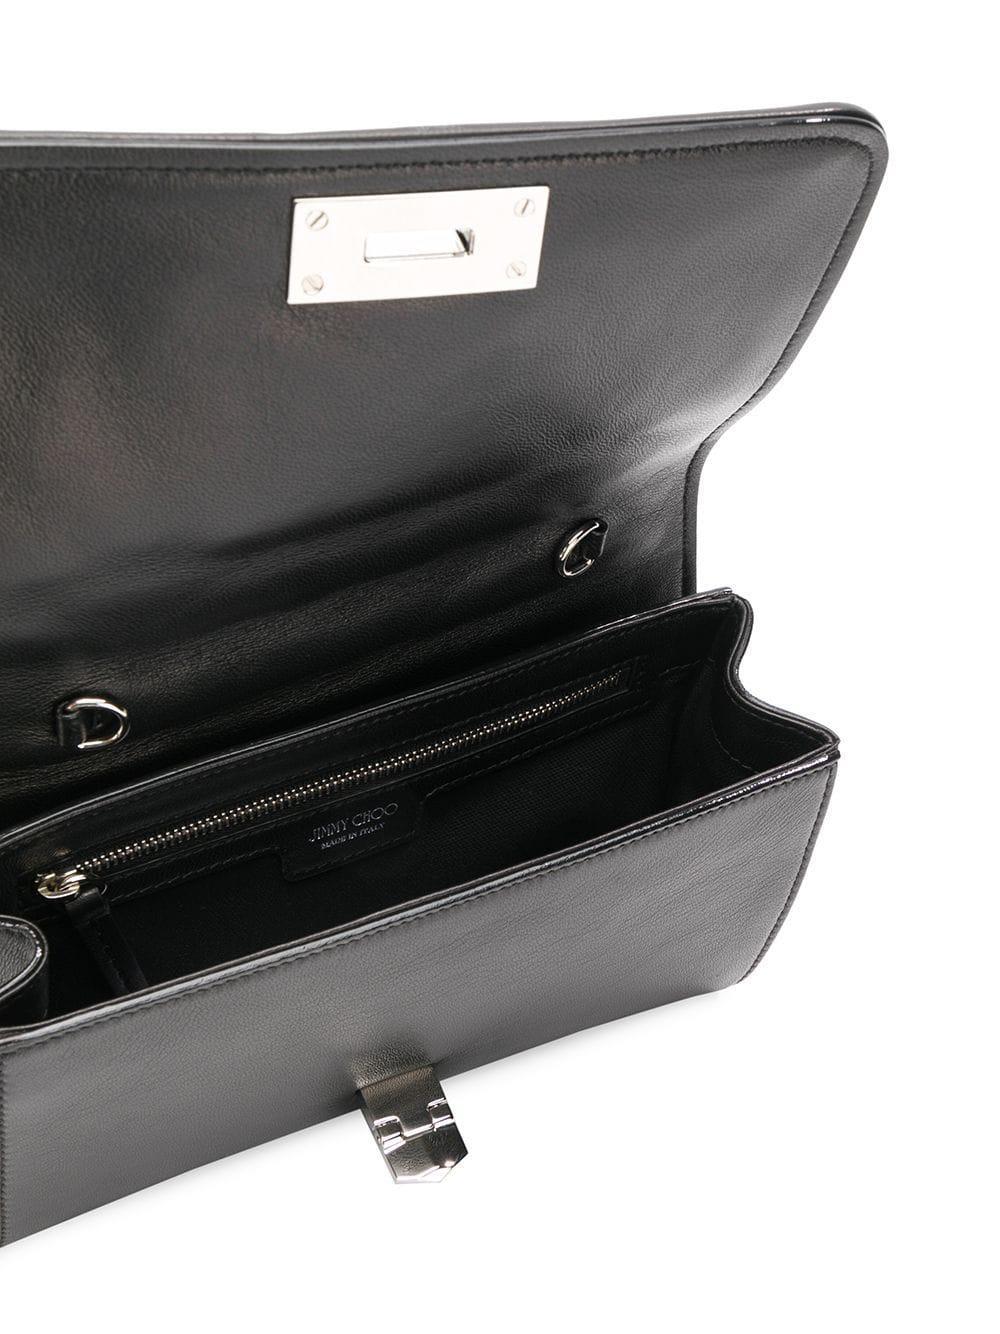 e785e155ca3 Jimmy Choo - Black Helia Leather Clutch - Lyst. View fullscreen